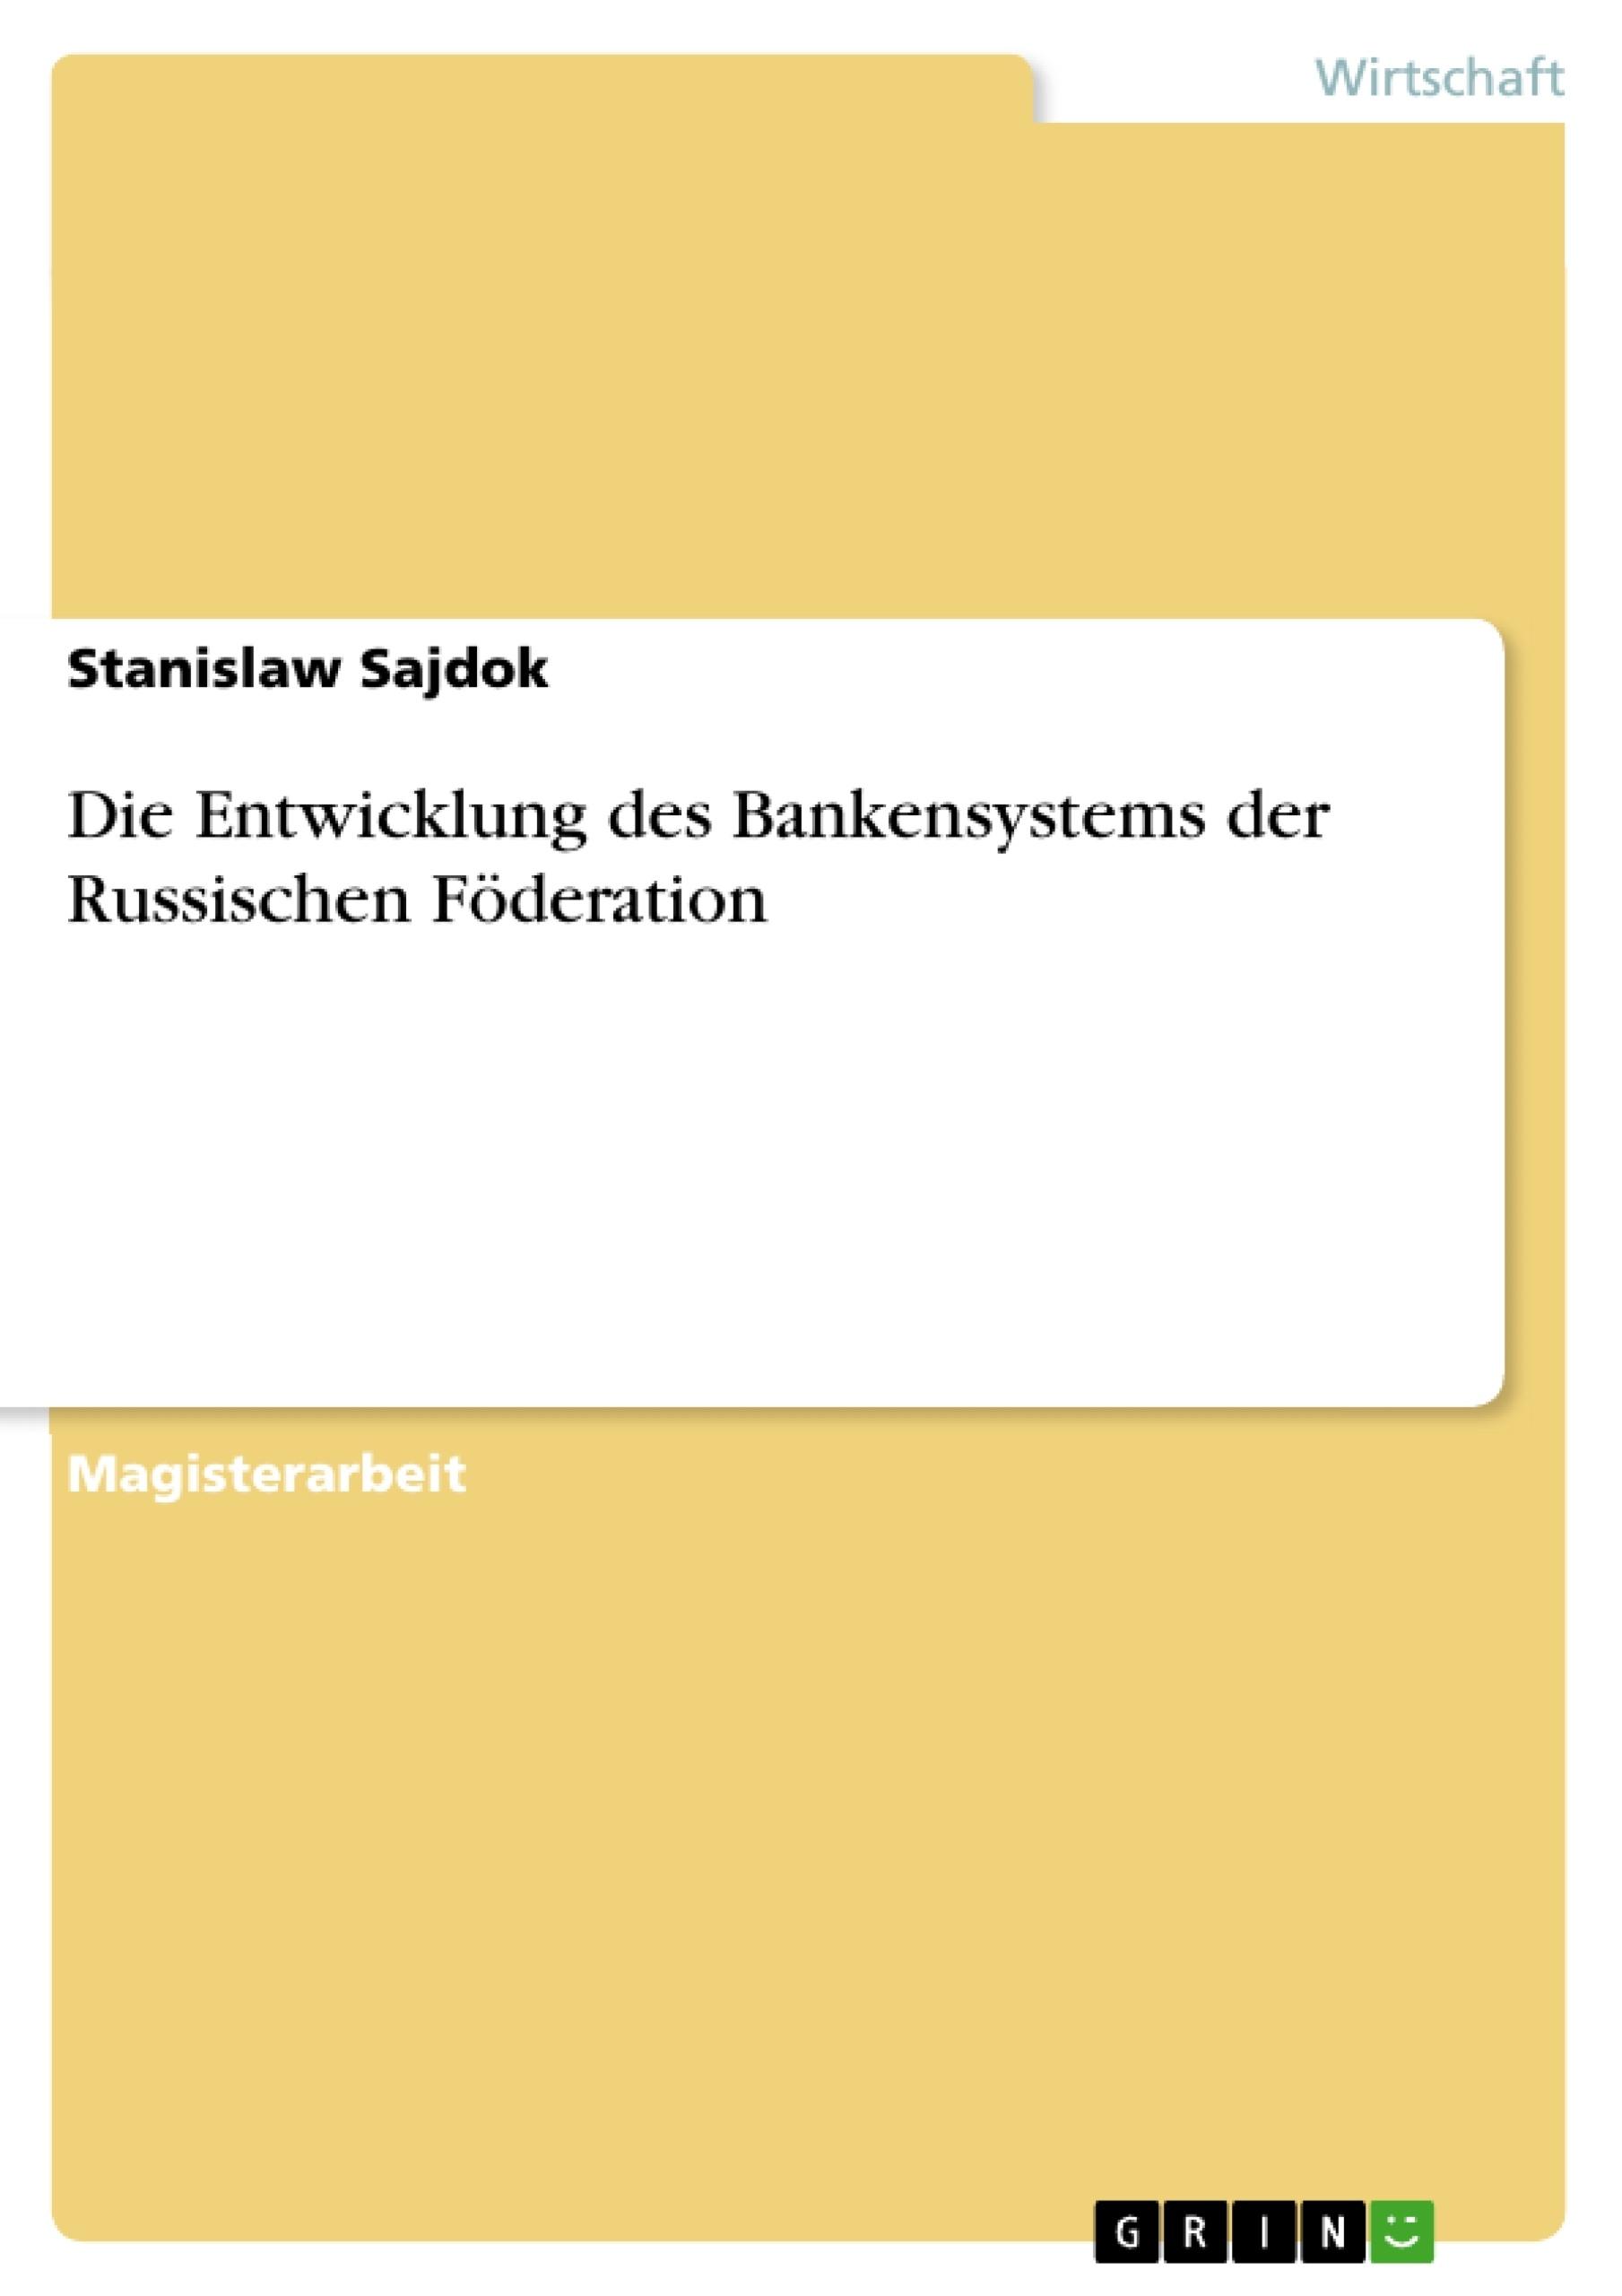 Titel: Die Entwicklung des Bankensystems der Russischen Föderation